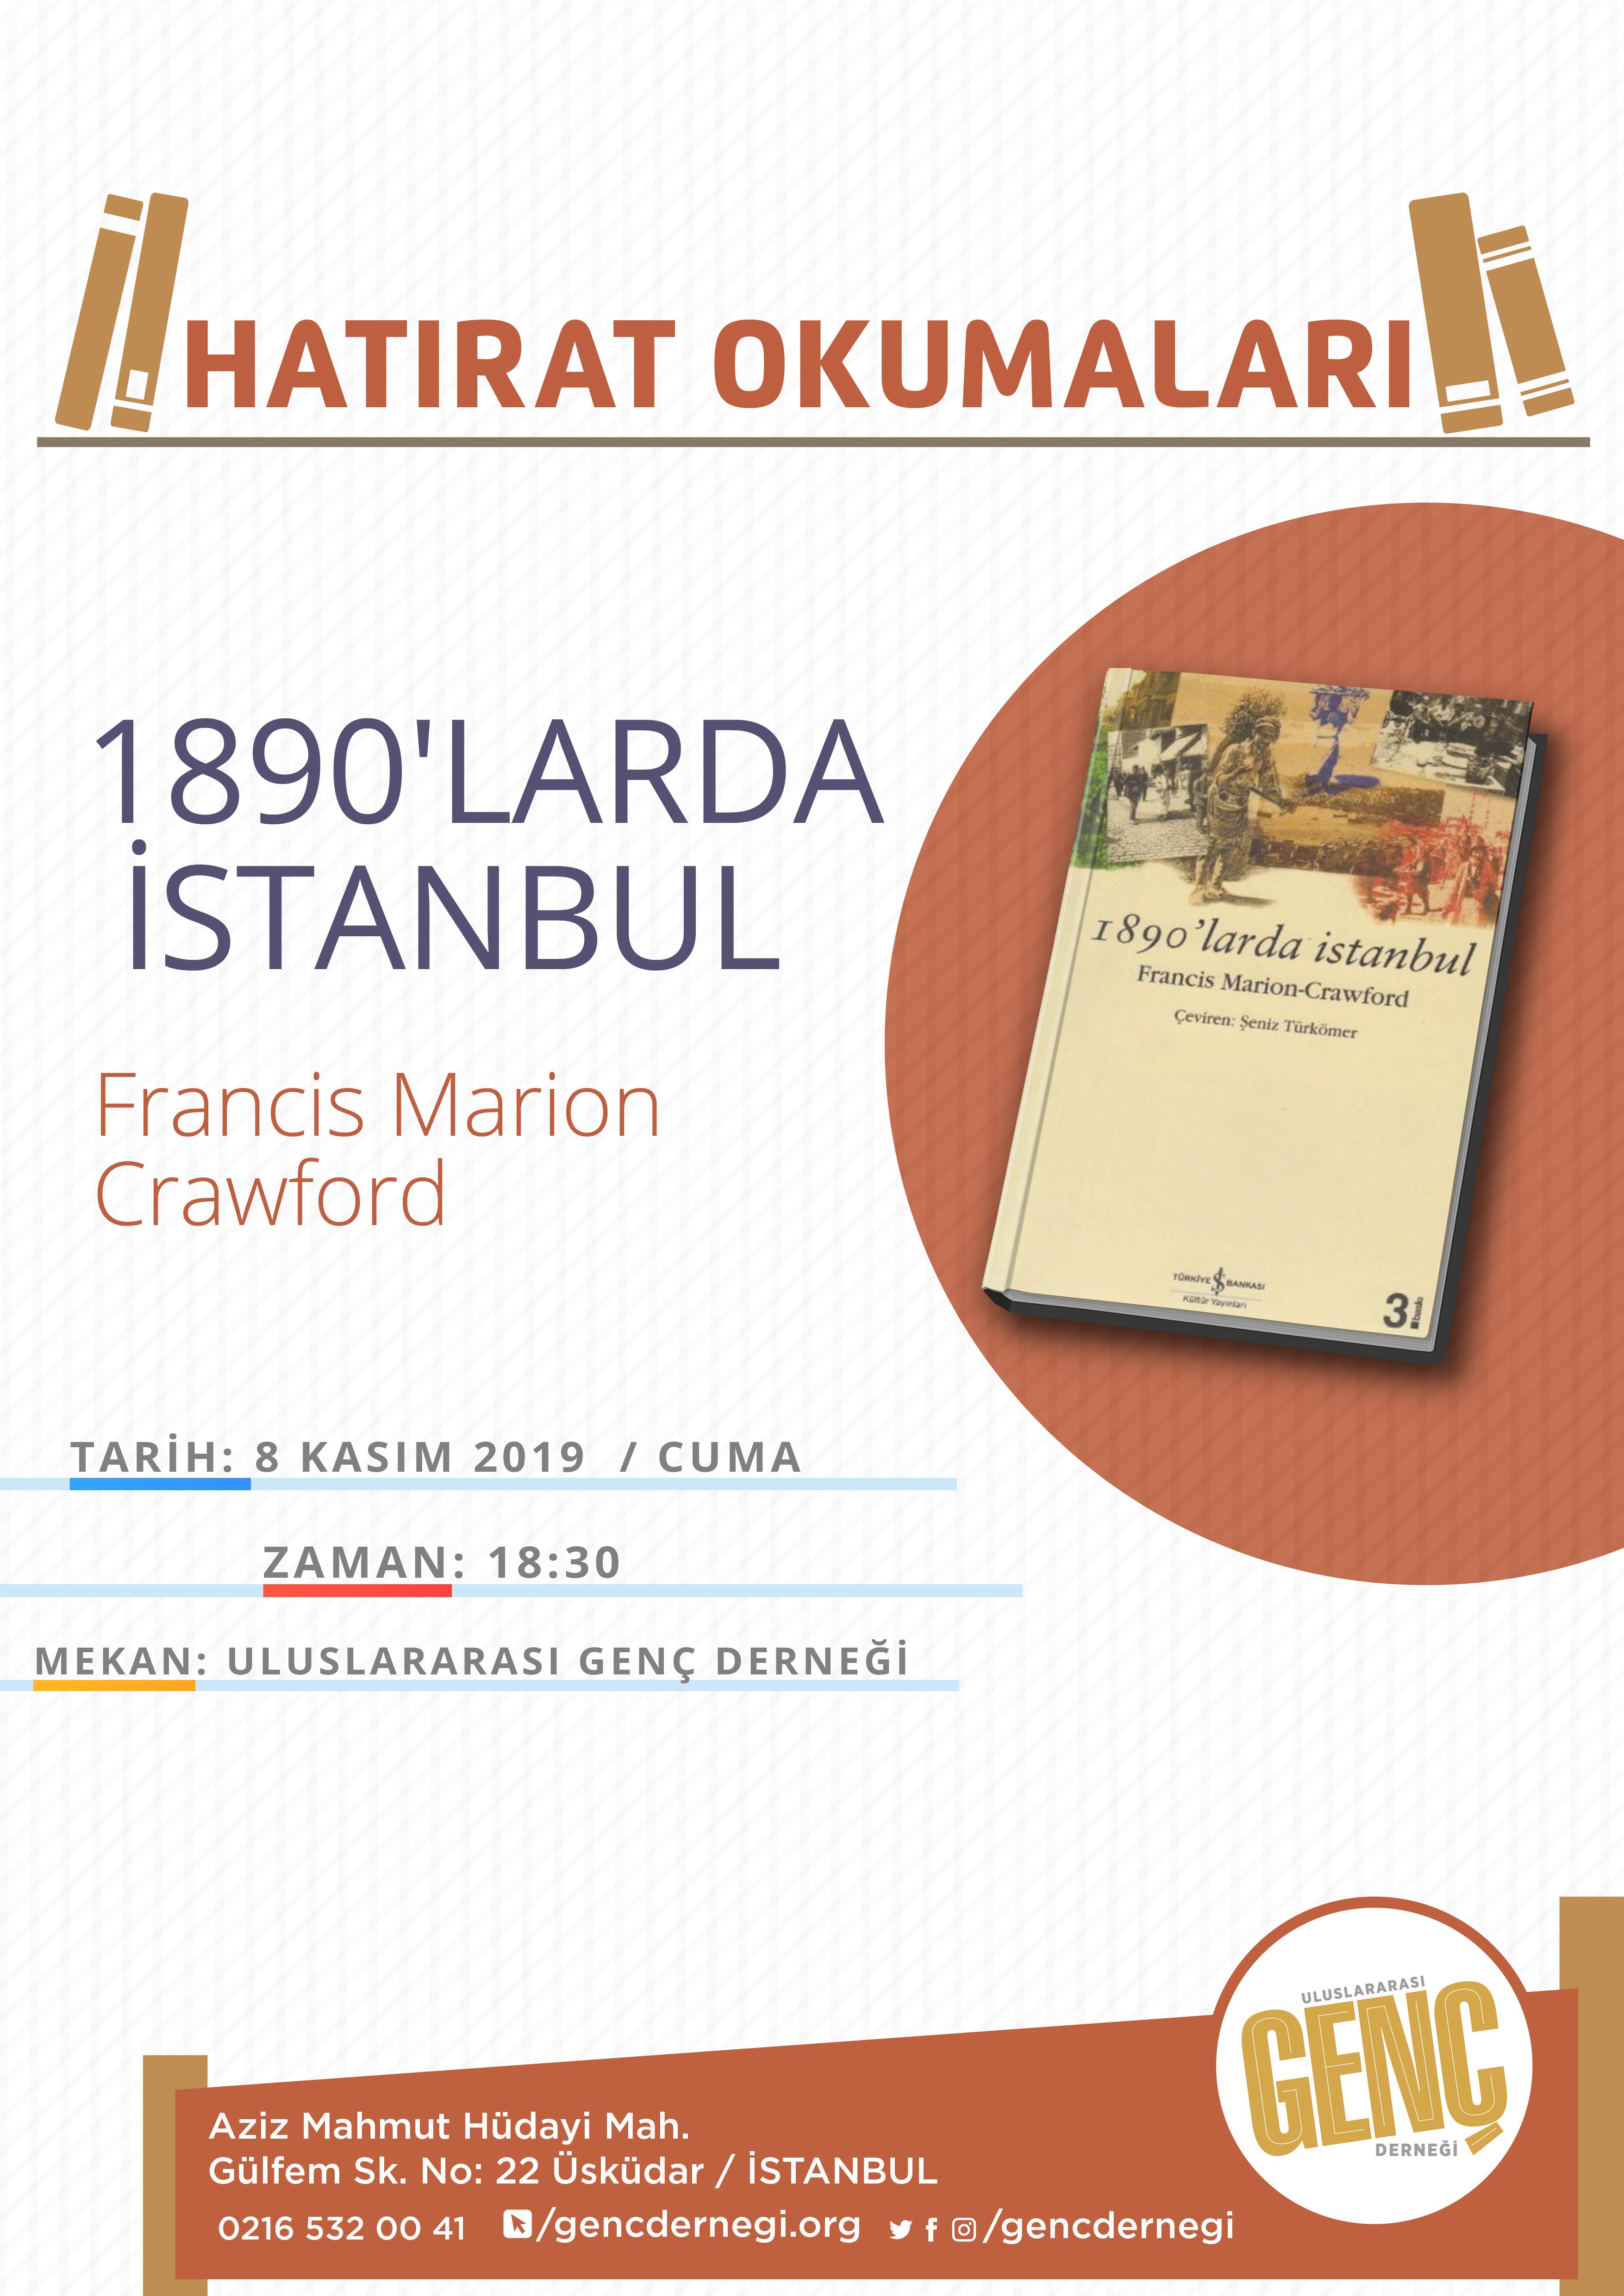 1890'larda İstanbul Afişi